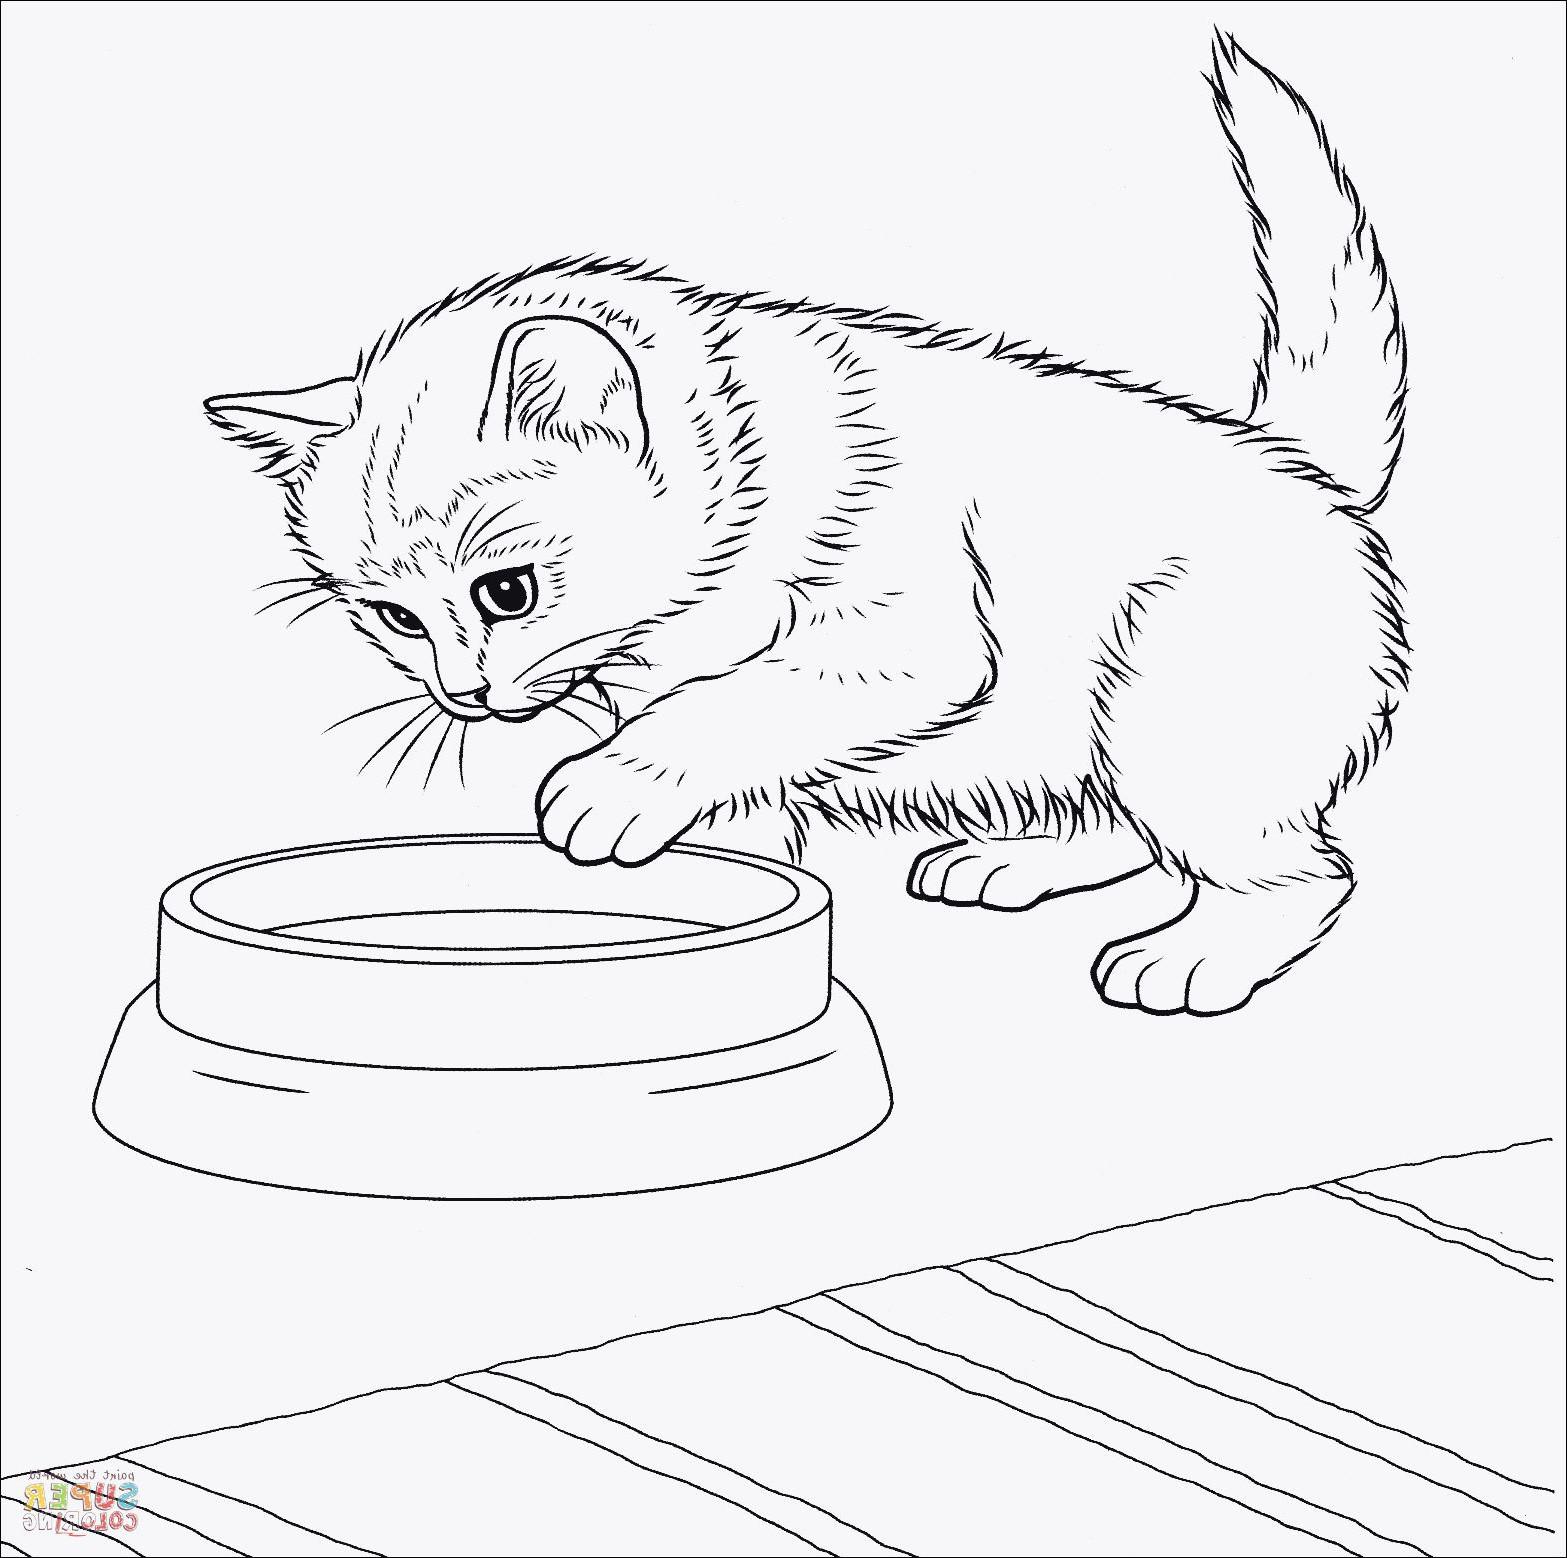 Ausmalbilder Katzen Und Hunde Das Beste Von 27 Neu Katzen Ausmalbilder – Malvorlagen Ideen Galerie